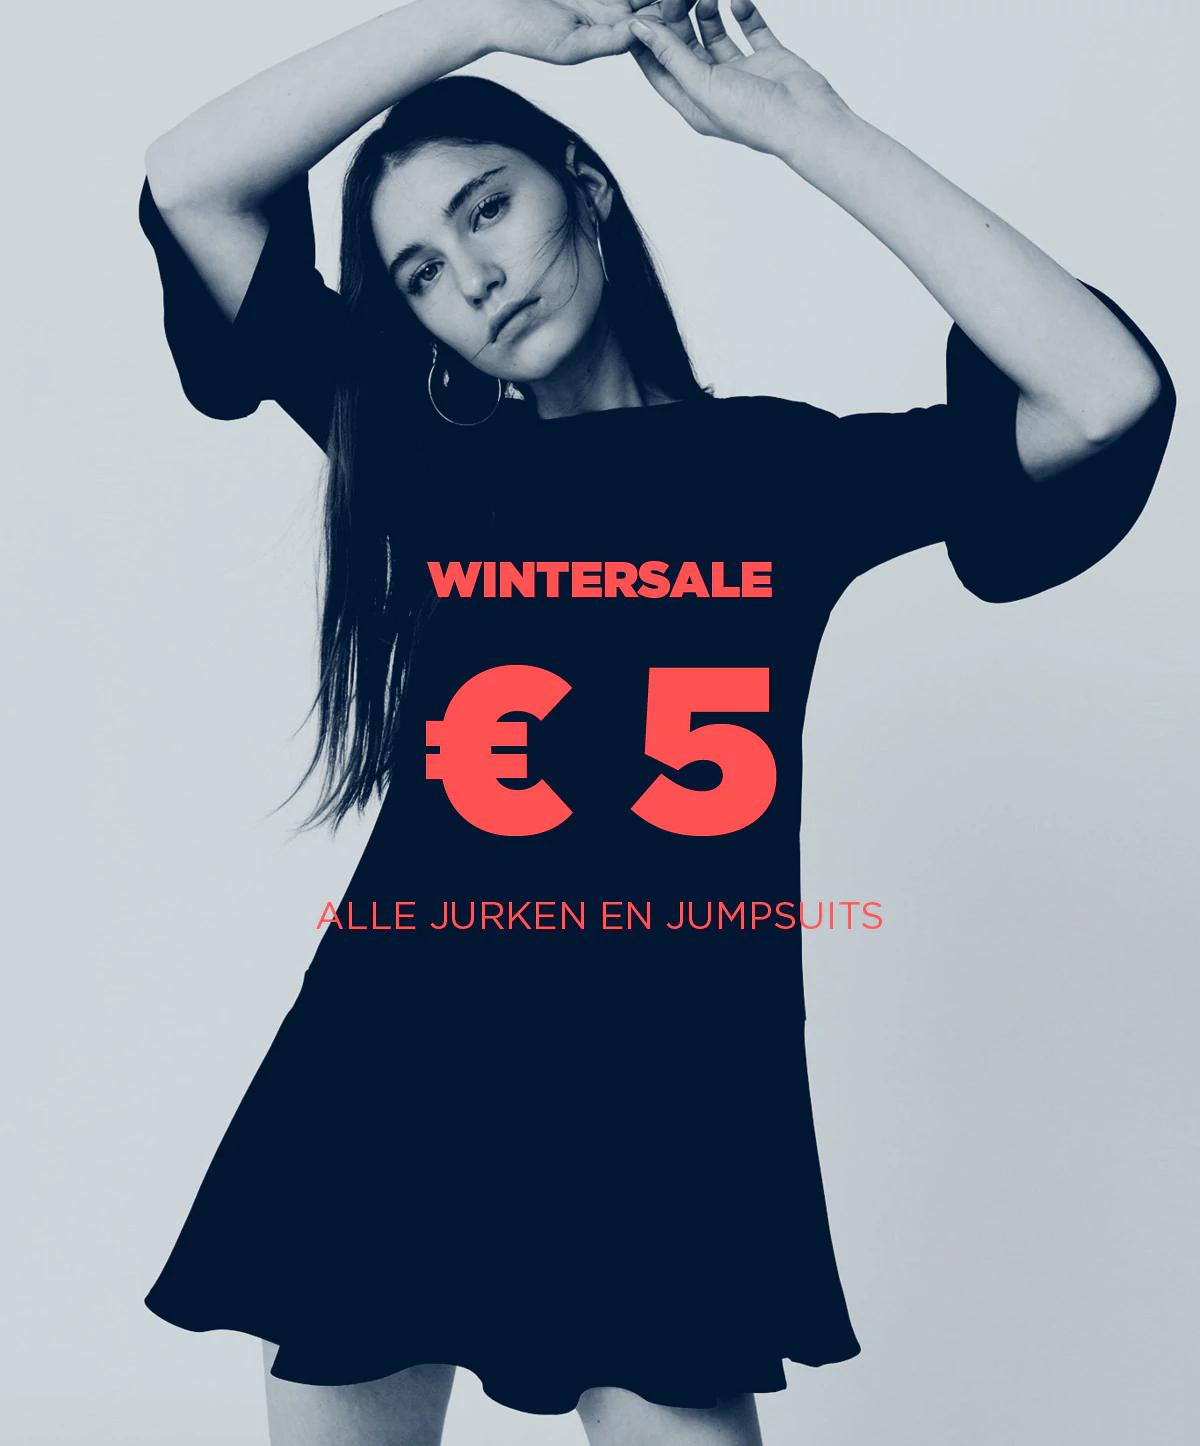 Alle jurken en jumpsuits voor €5 (adviesprijs tot €119,99!) @ Mango Outlet